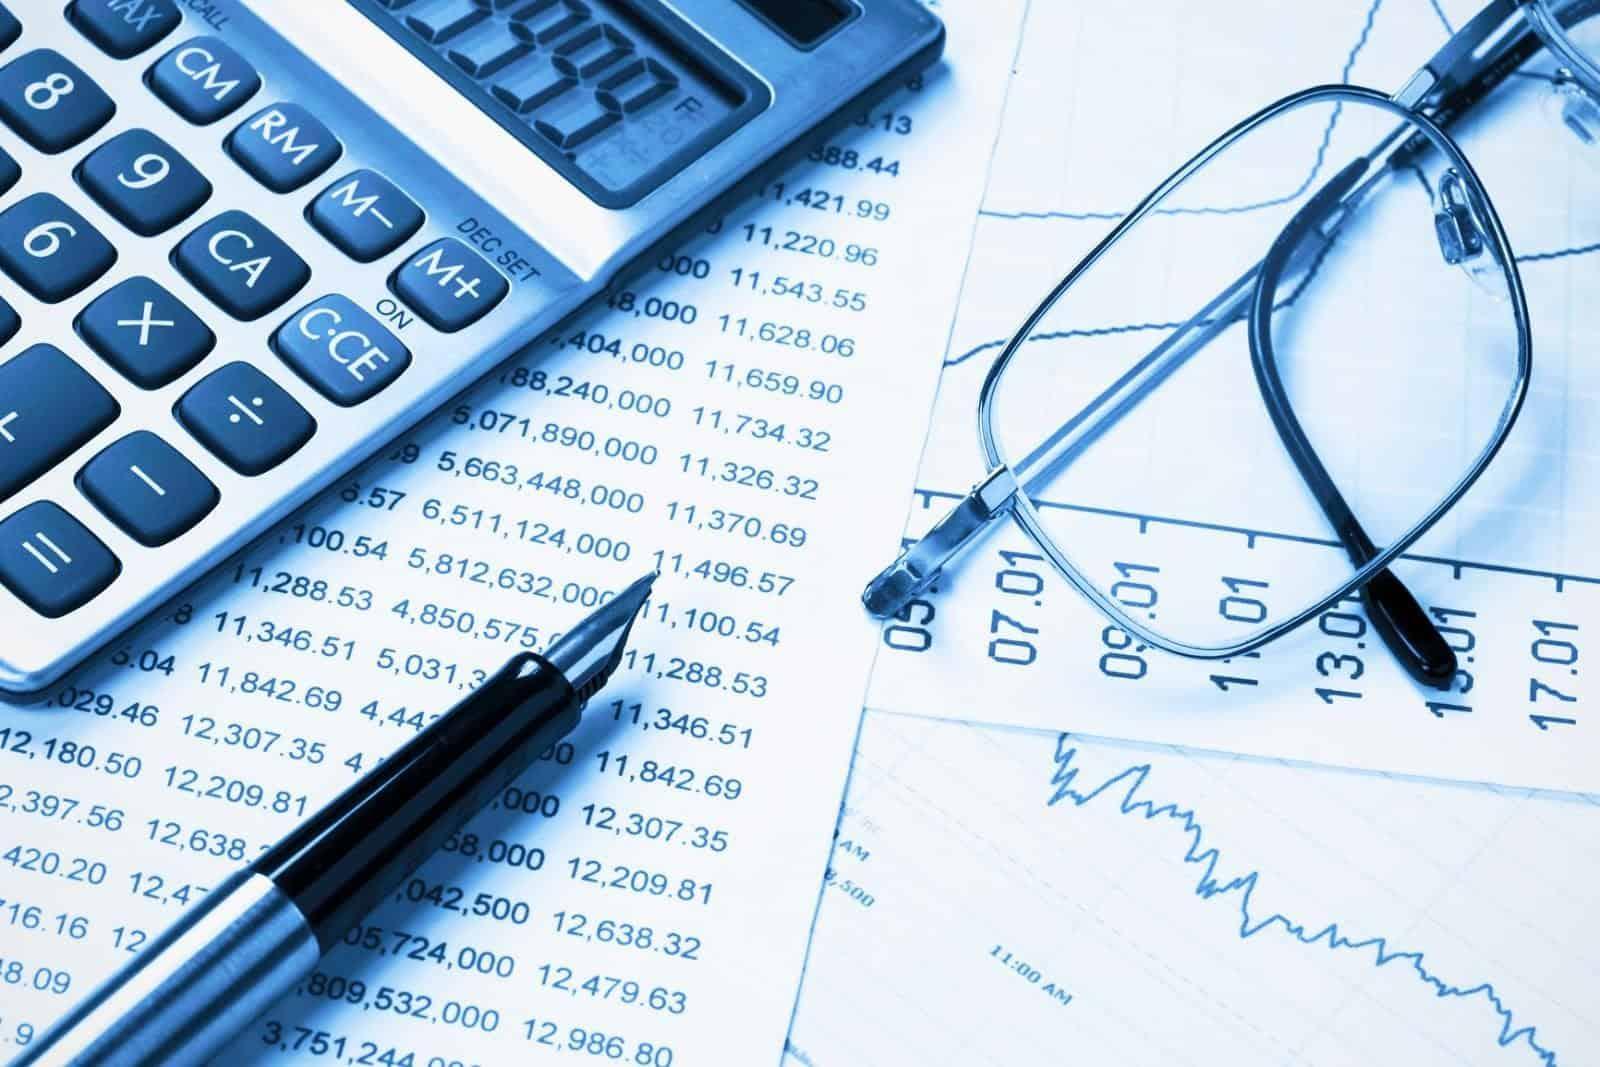 Kế toán là gì? Các công việc của kế toán chuyên nghiệp?